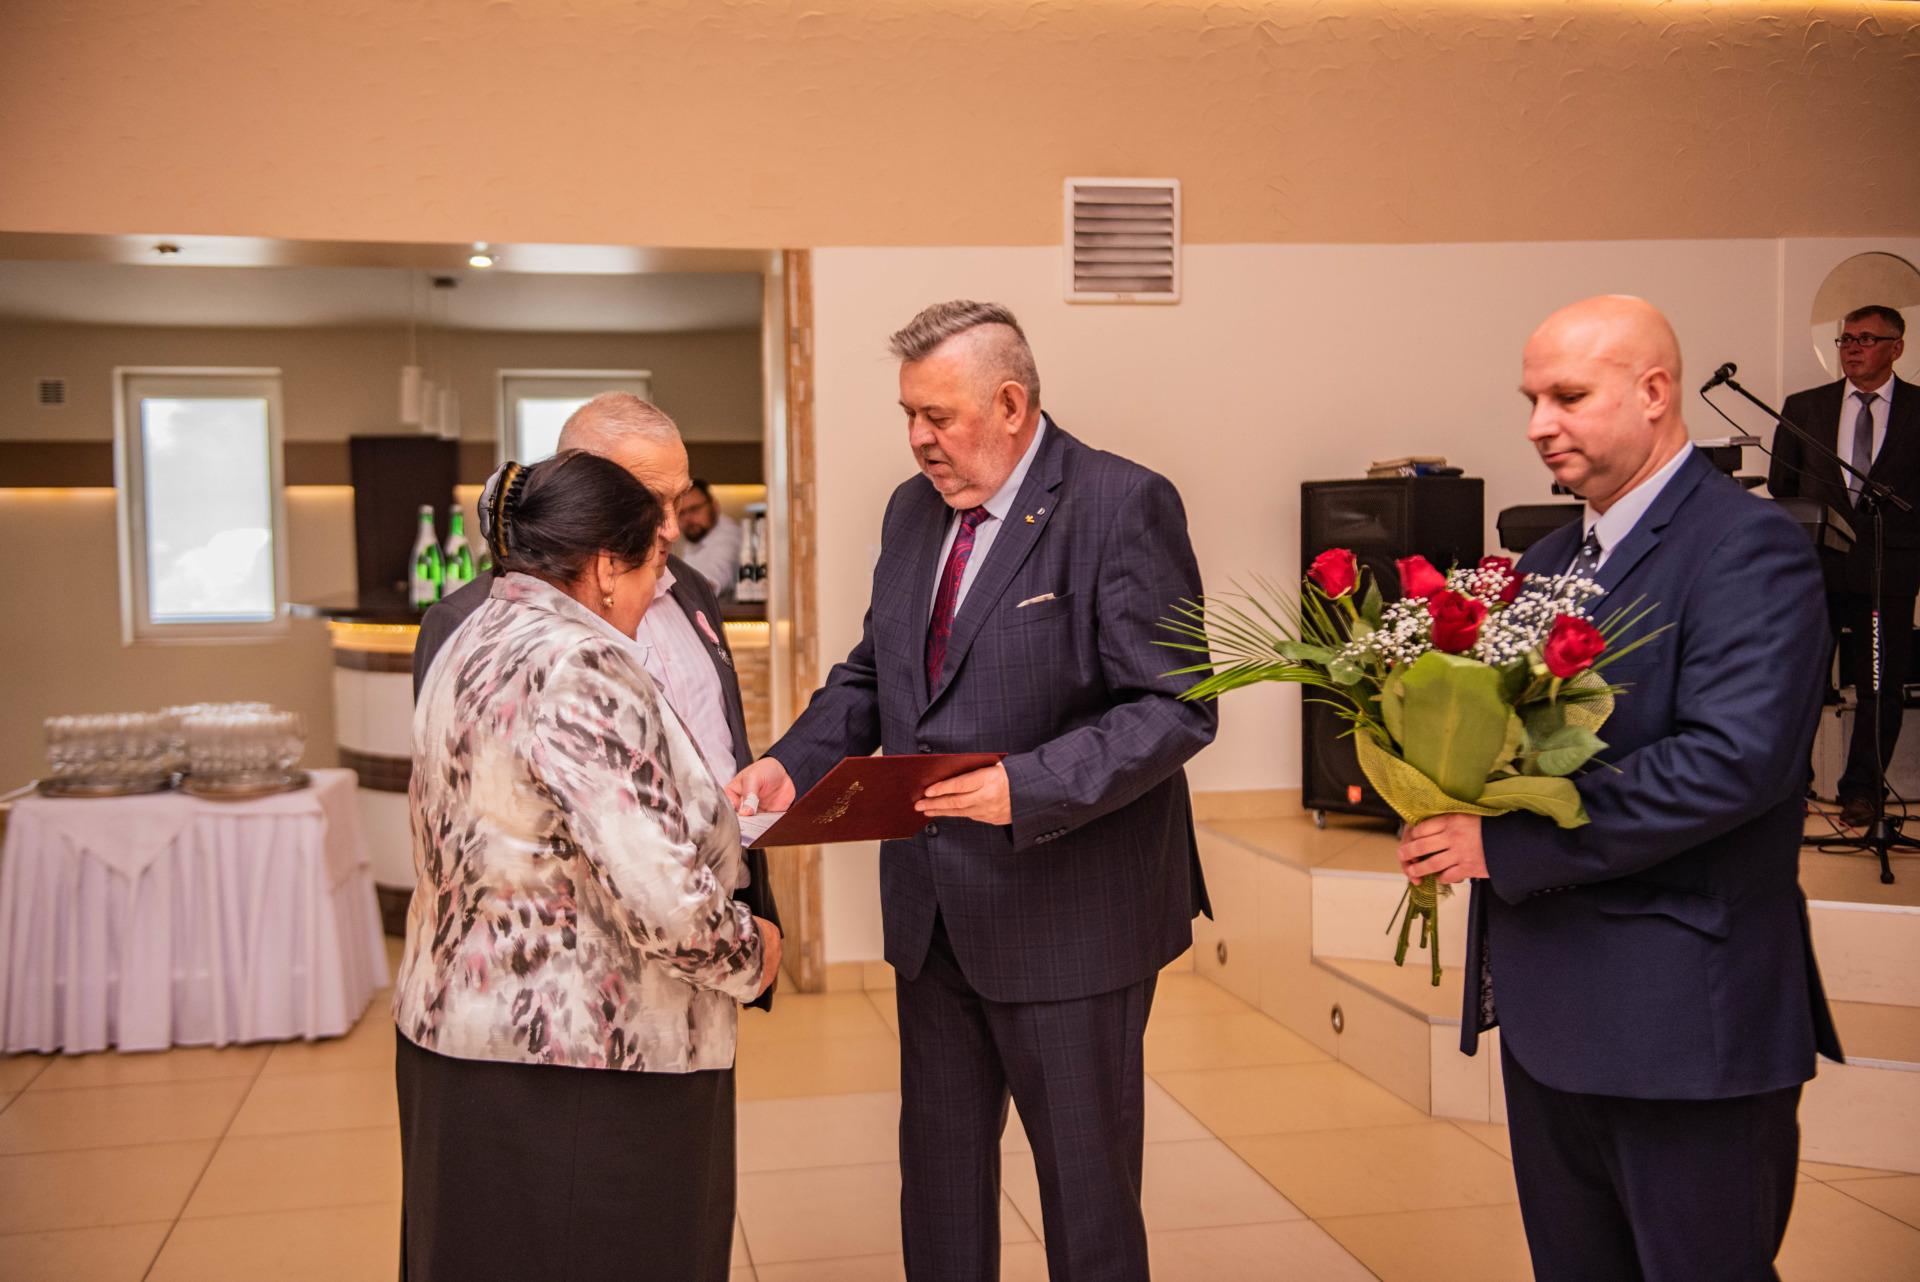 burmistrz wręcza medale jubilatom